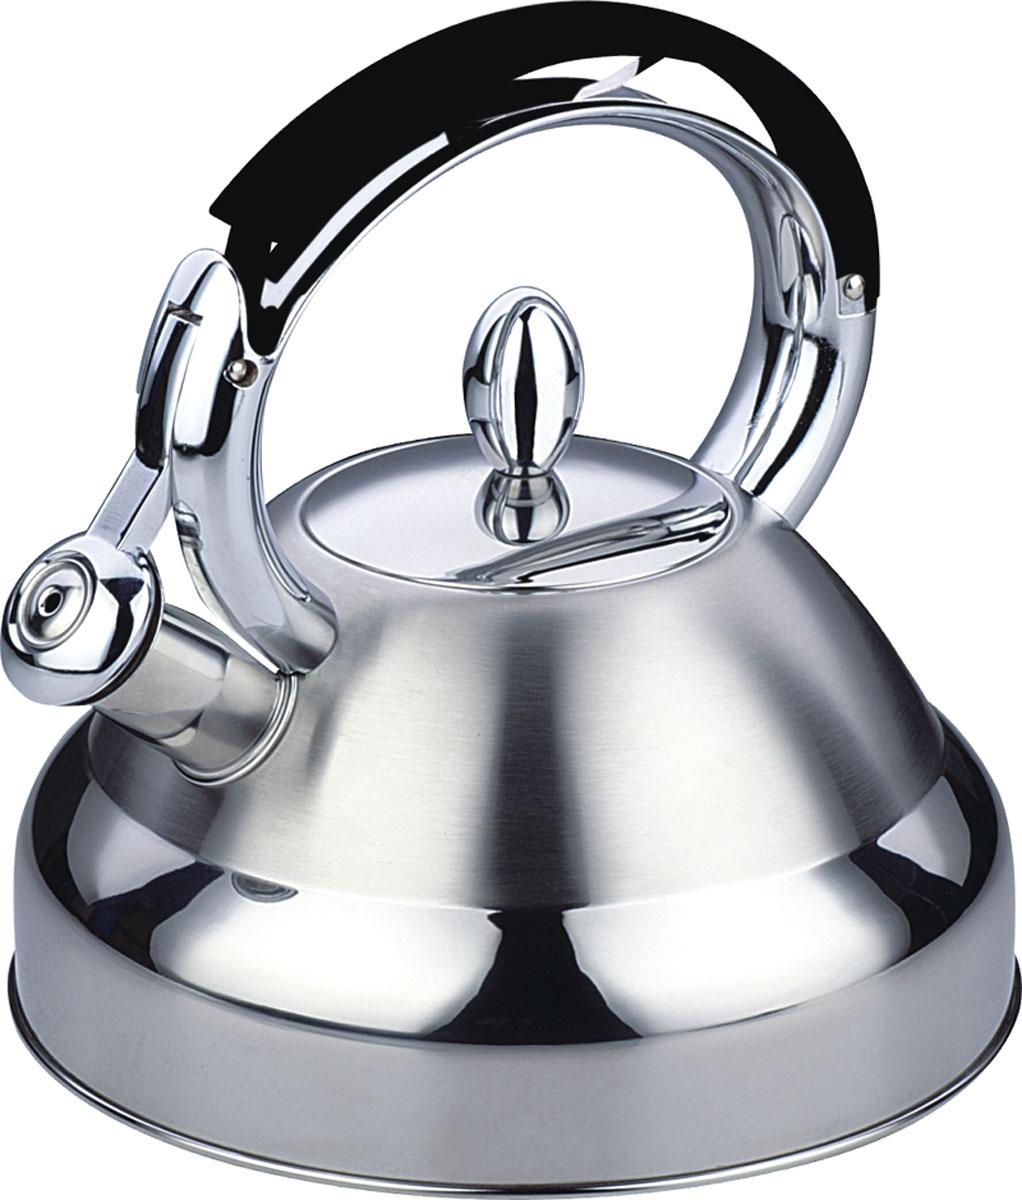 Чайник Bekker De Luxe со свистком, 2,7 л. BK-S426BK-S426Чайник Bekker De Luxe изготовлен из высококачественной нержавеющей стали 18/10. Поверхность матовая с зеркальной полосой по нижнему краю. Капсулированное дно распределяет тепло по всей поверхности, что позволяет чайнику быстро закипать. Эргономичная фиксированная рукоятка выполнена из нержавеющей стали и бакелита с прорезиненным покрытием. Носик оснащен откидным свистком, который подскажет, когда вода закипела. Свисток открывается и закрывается нажатием на рукоятку. Оригинальный дизайн эффектно оформит интерьер кухни. Подходит для всех типов плит, включая индукционные. Можно мыть в посудомоечной машине.